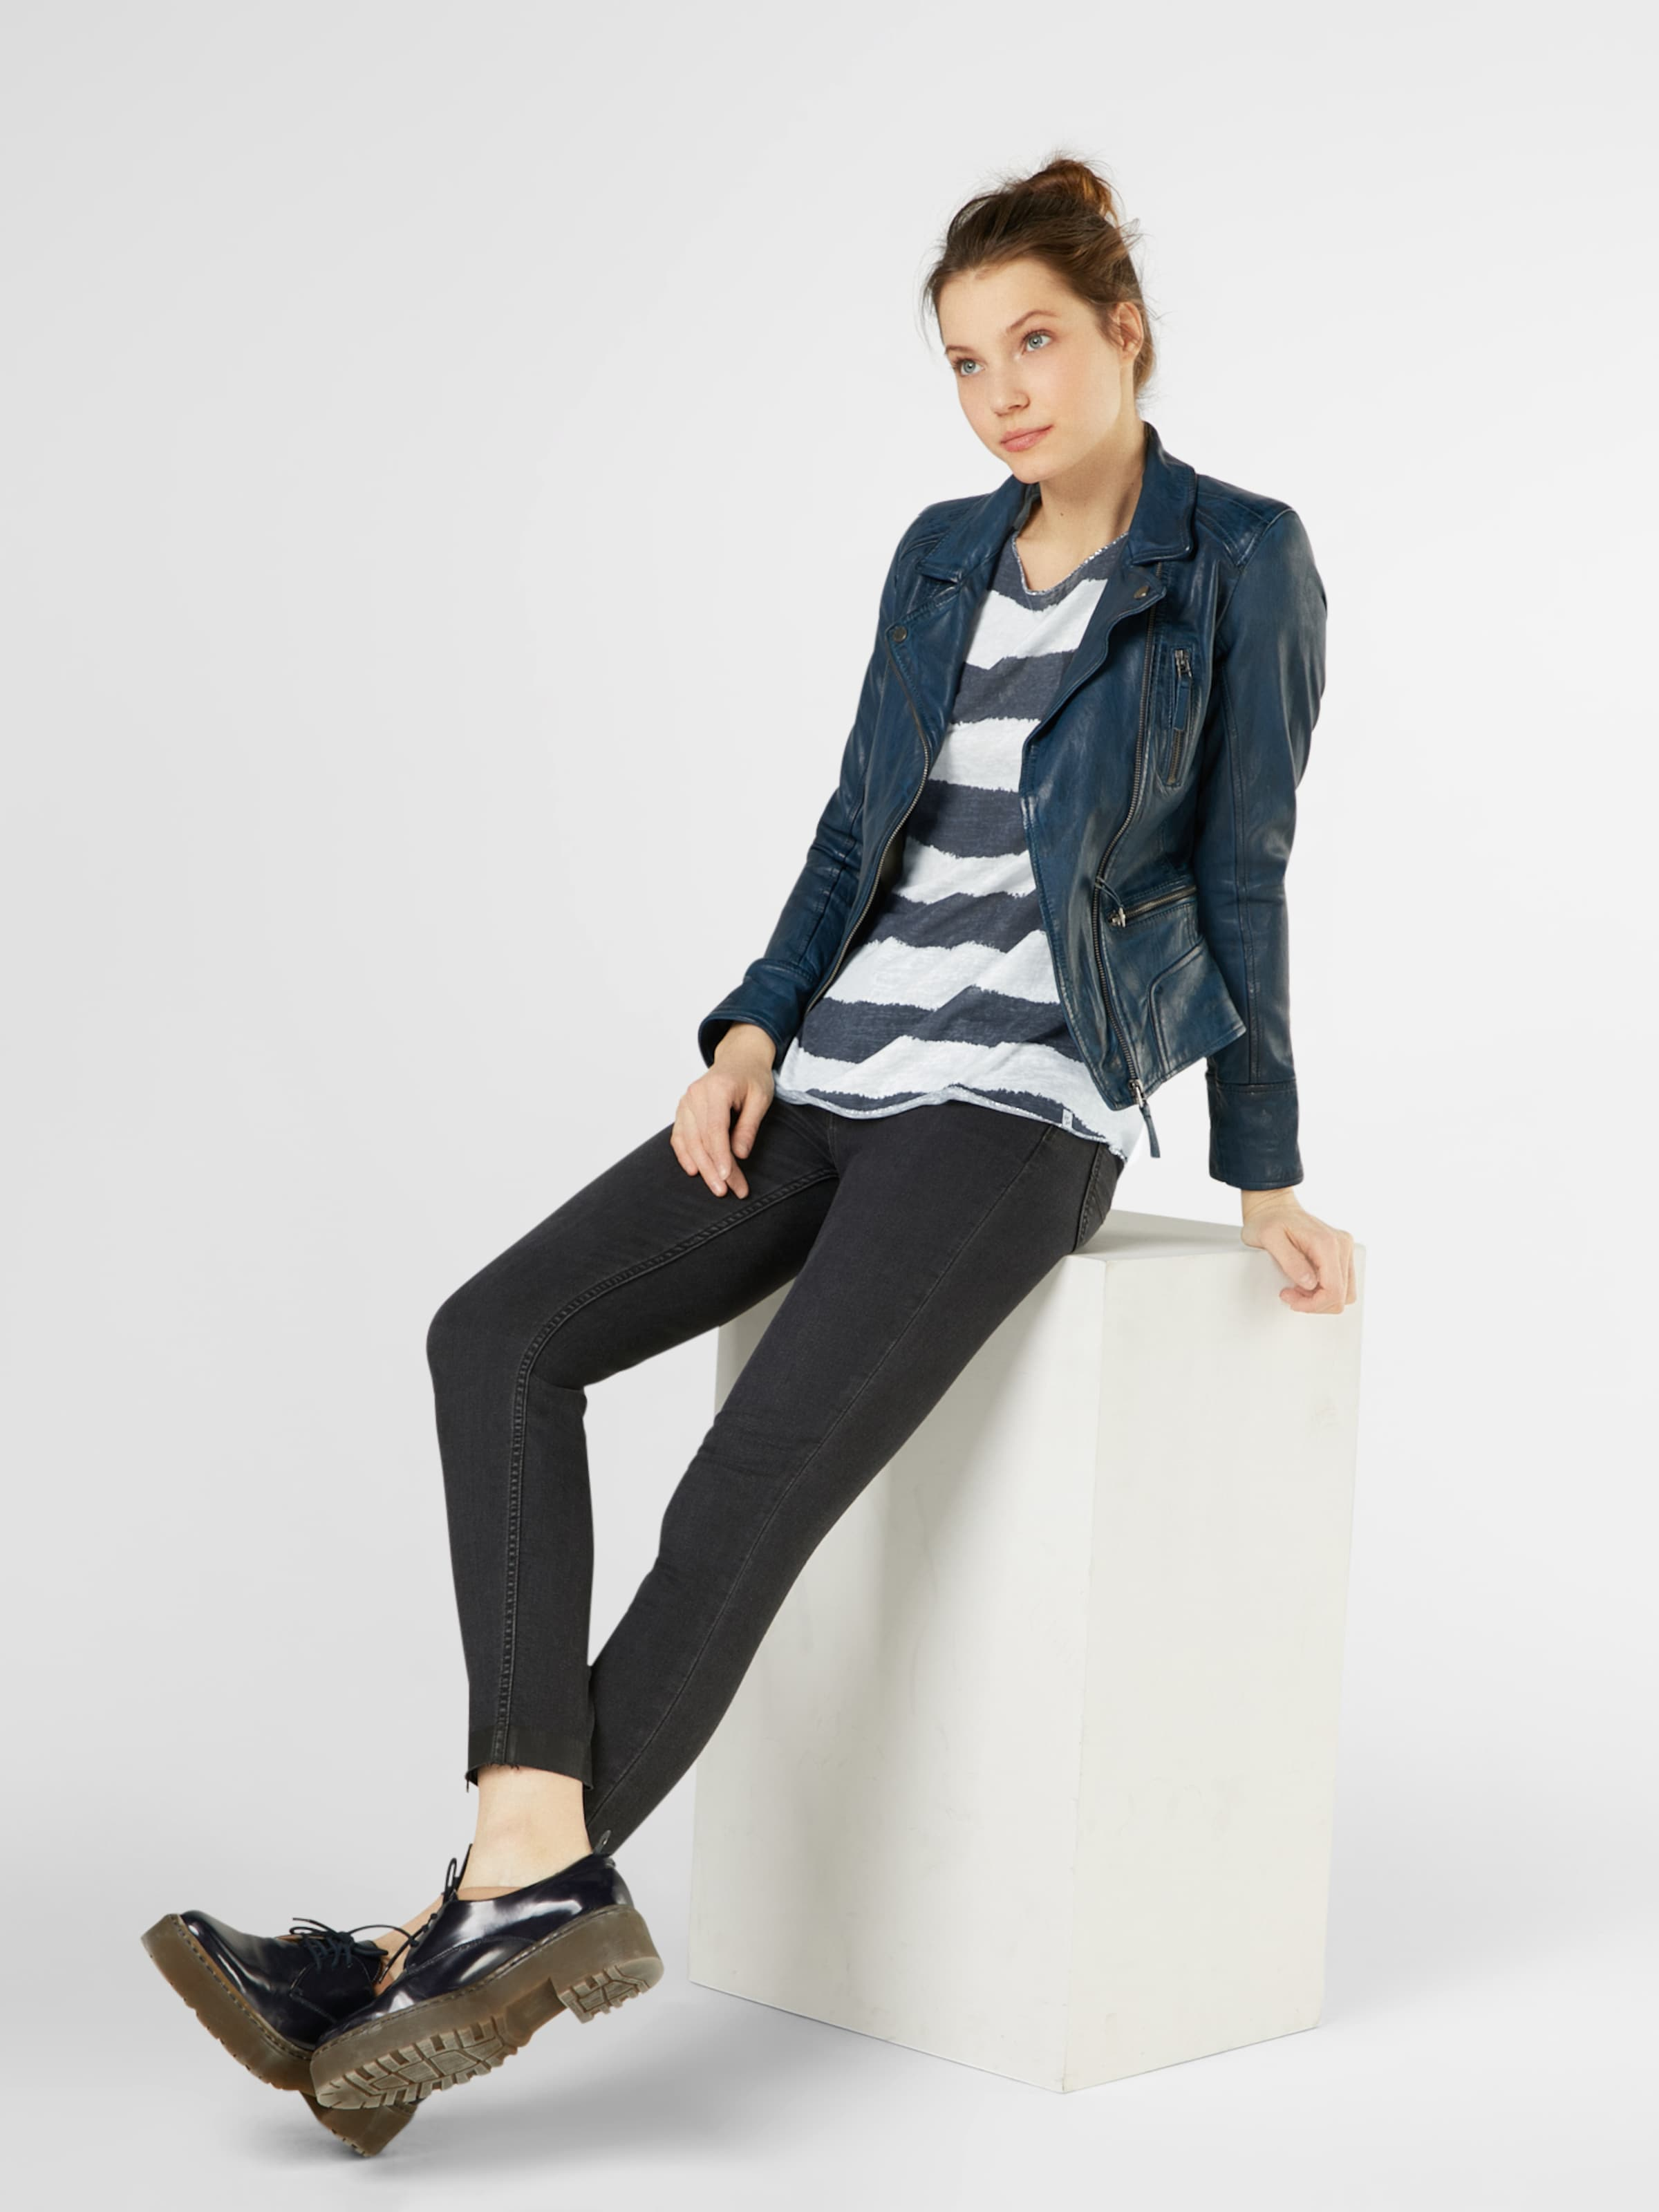 Viele Arten Von Günstiger Online Key Largo Shirt 'Johanna' Geniue Händler Zum Verkauf 4QLVndeX3J